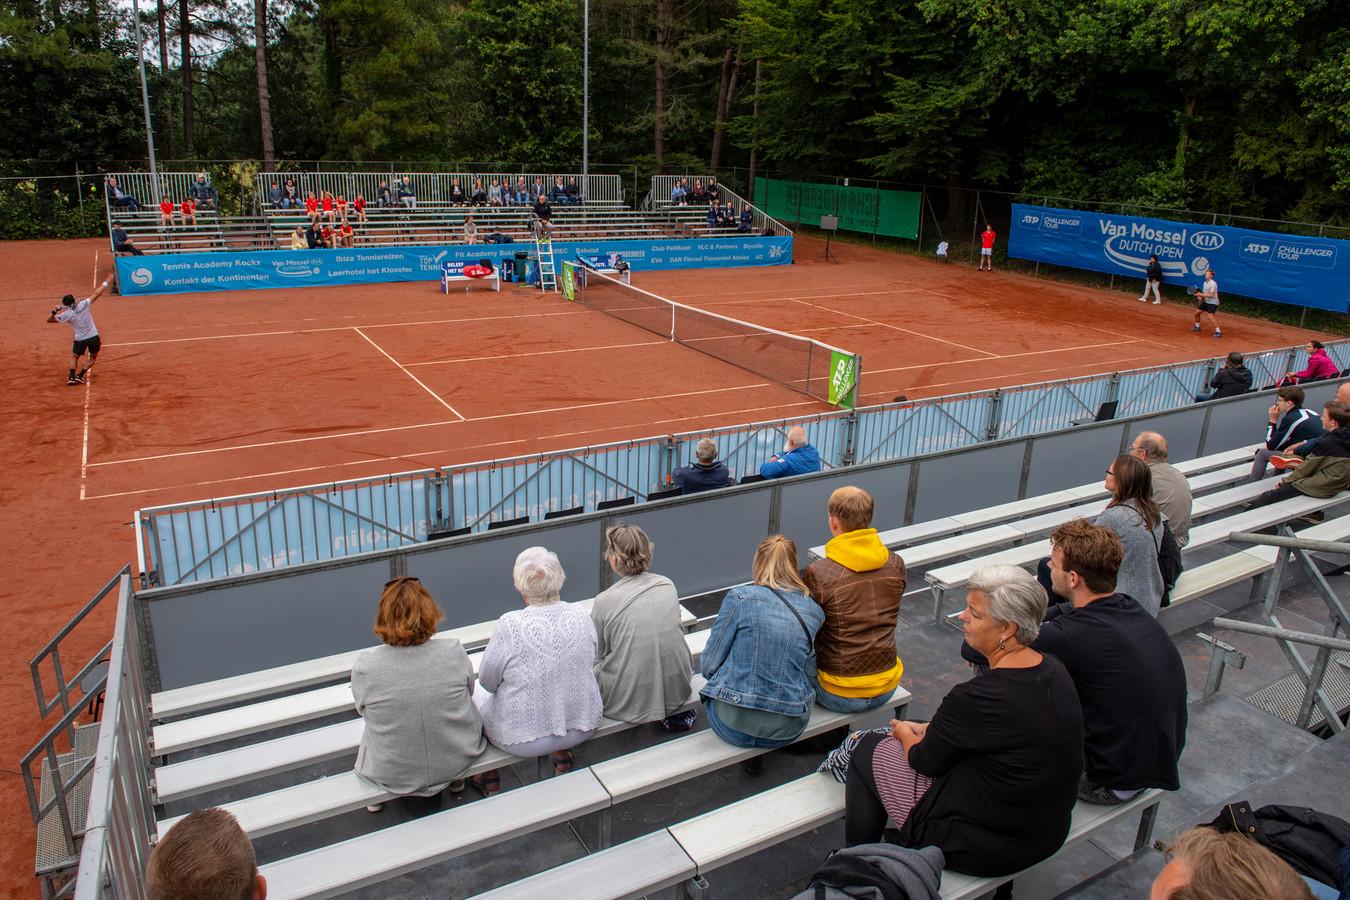 Overzichtsfoto van het Dutch Open in 2019: vooralsnog rekent de organisatie erop dat het challengertoernooi in Amersfoort komende zomer doorgaat.